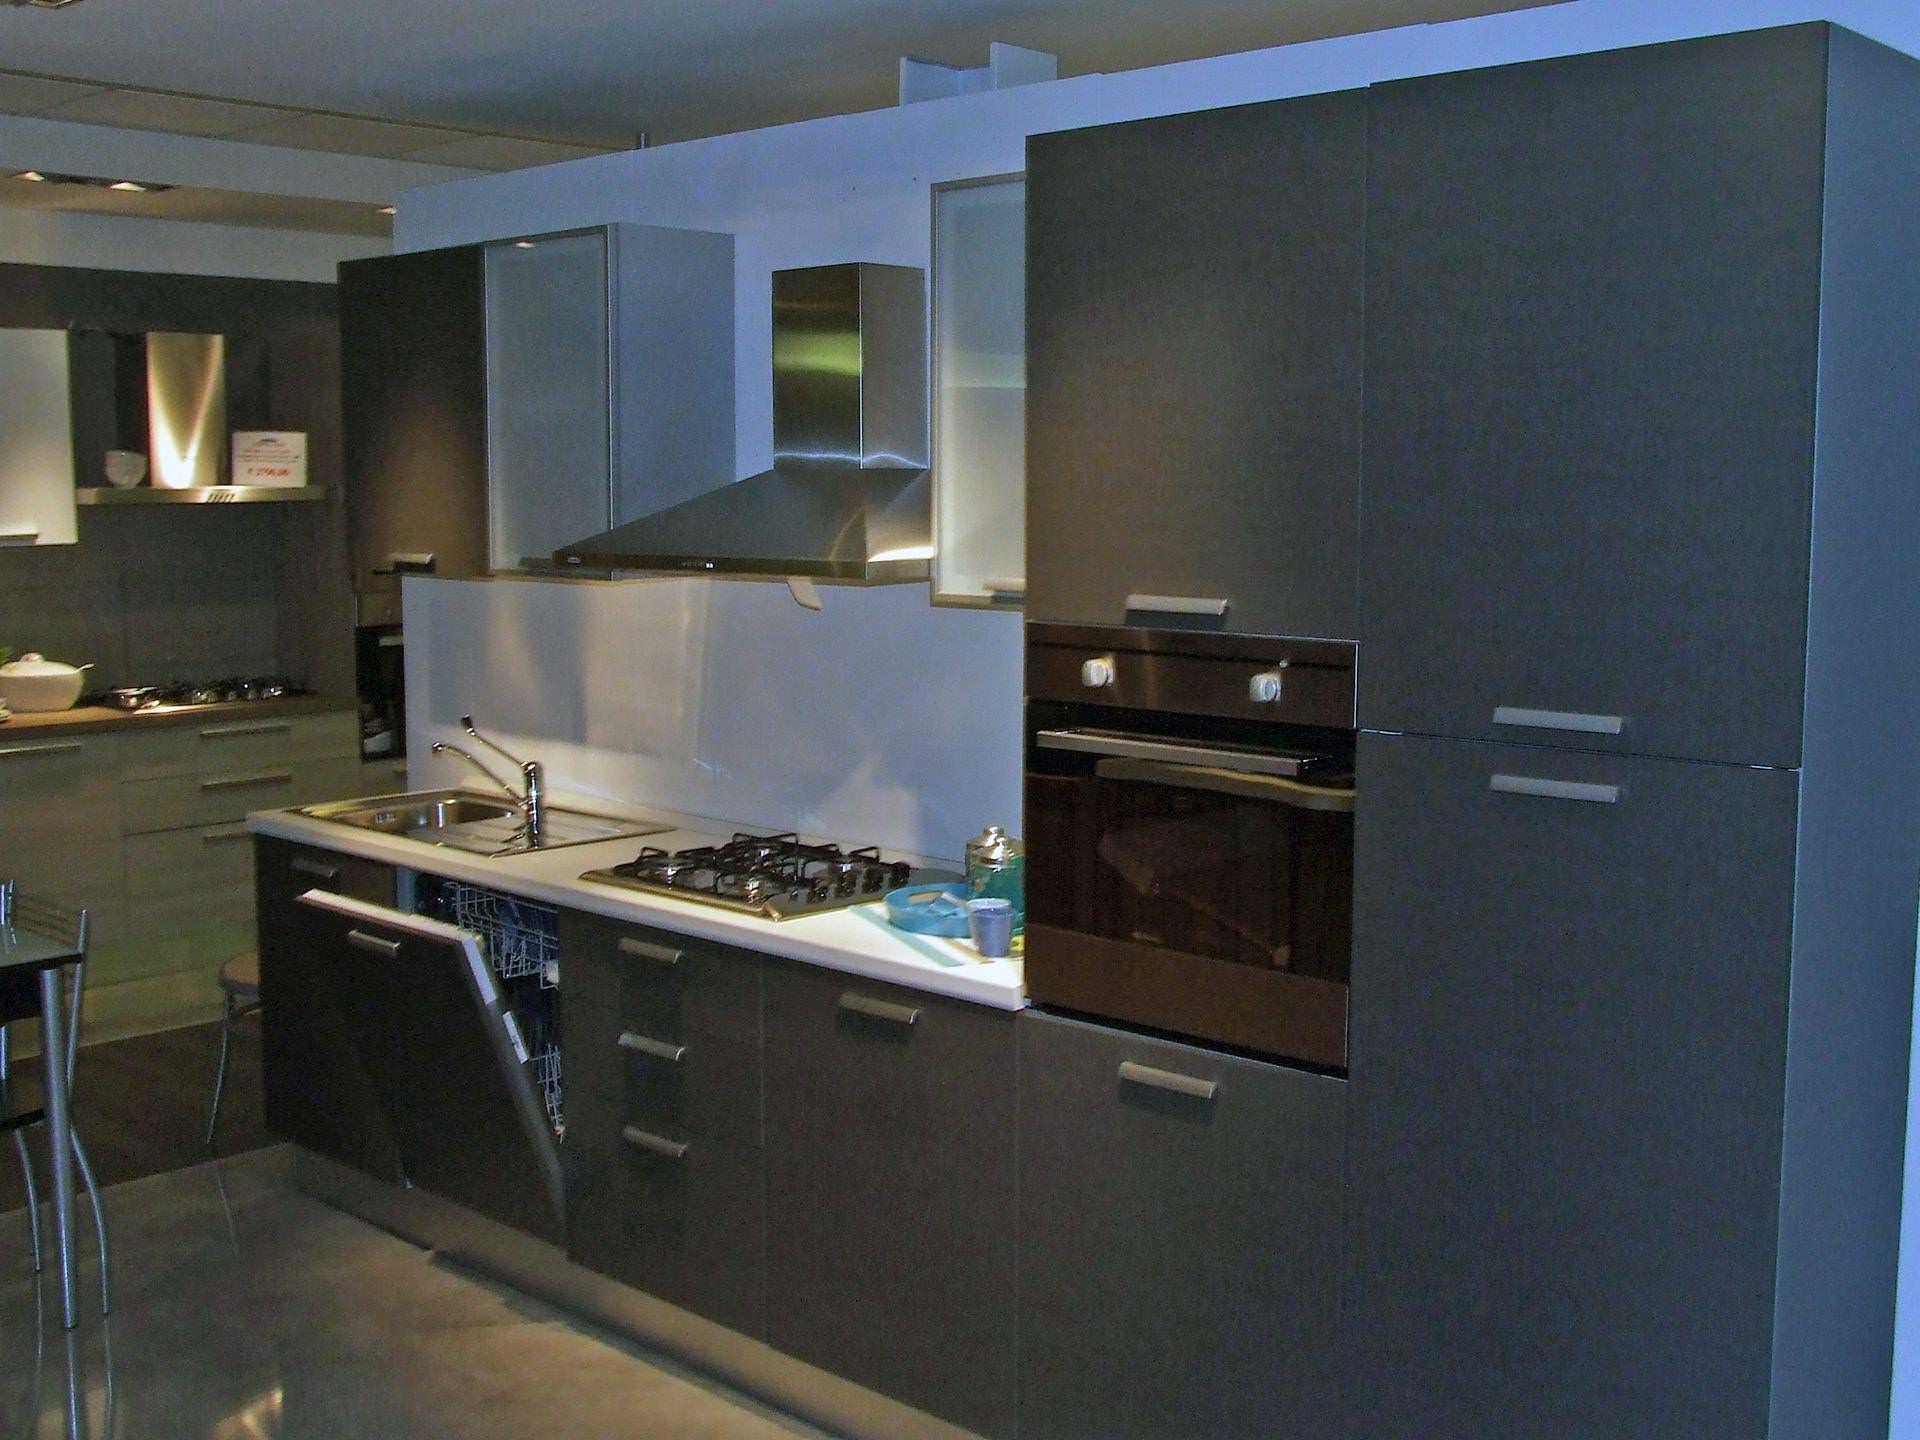 Cucina lube cucine lubiana scontato del 39 cucine a - Cucina grigio antracite ...